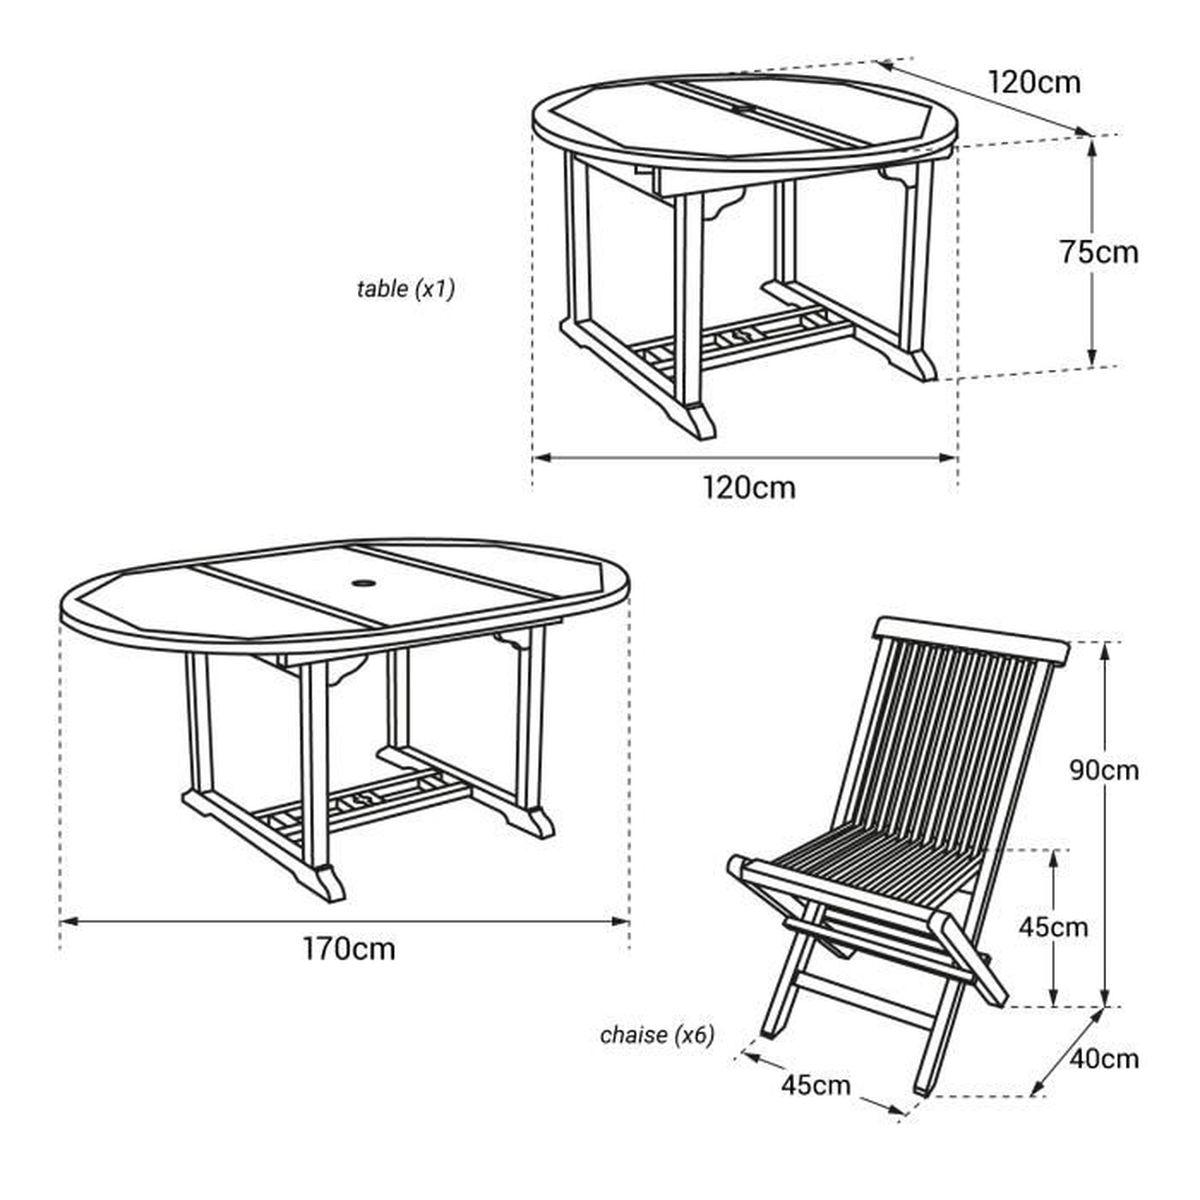 Salon de jardin LOMBOK - table extensible ronde en teck - 6 places marron  Marron